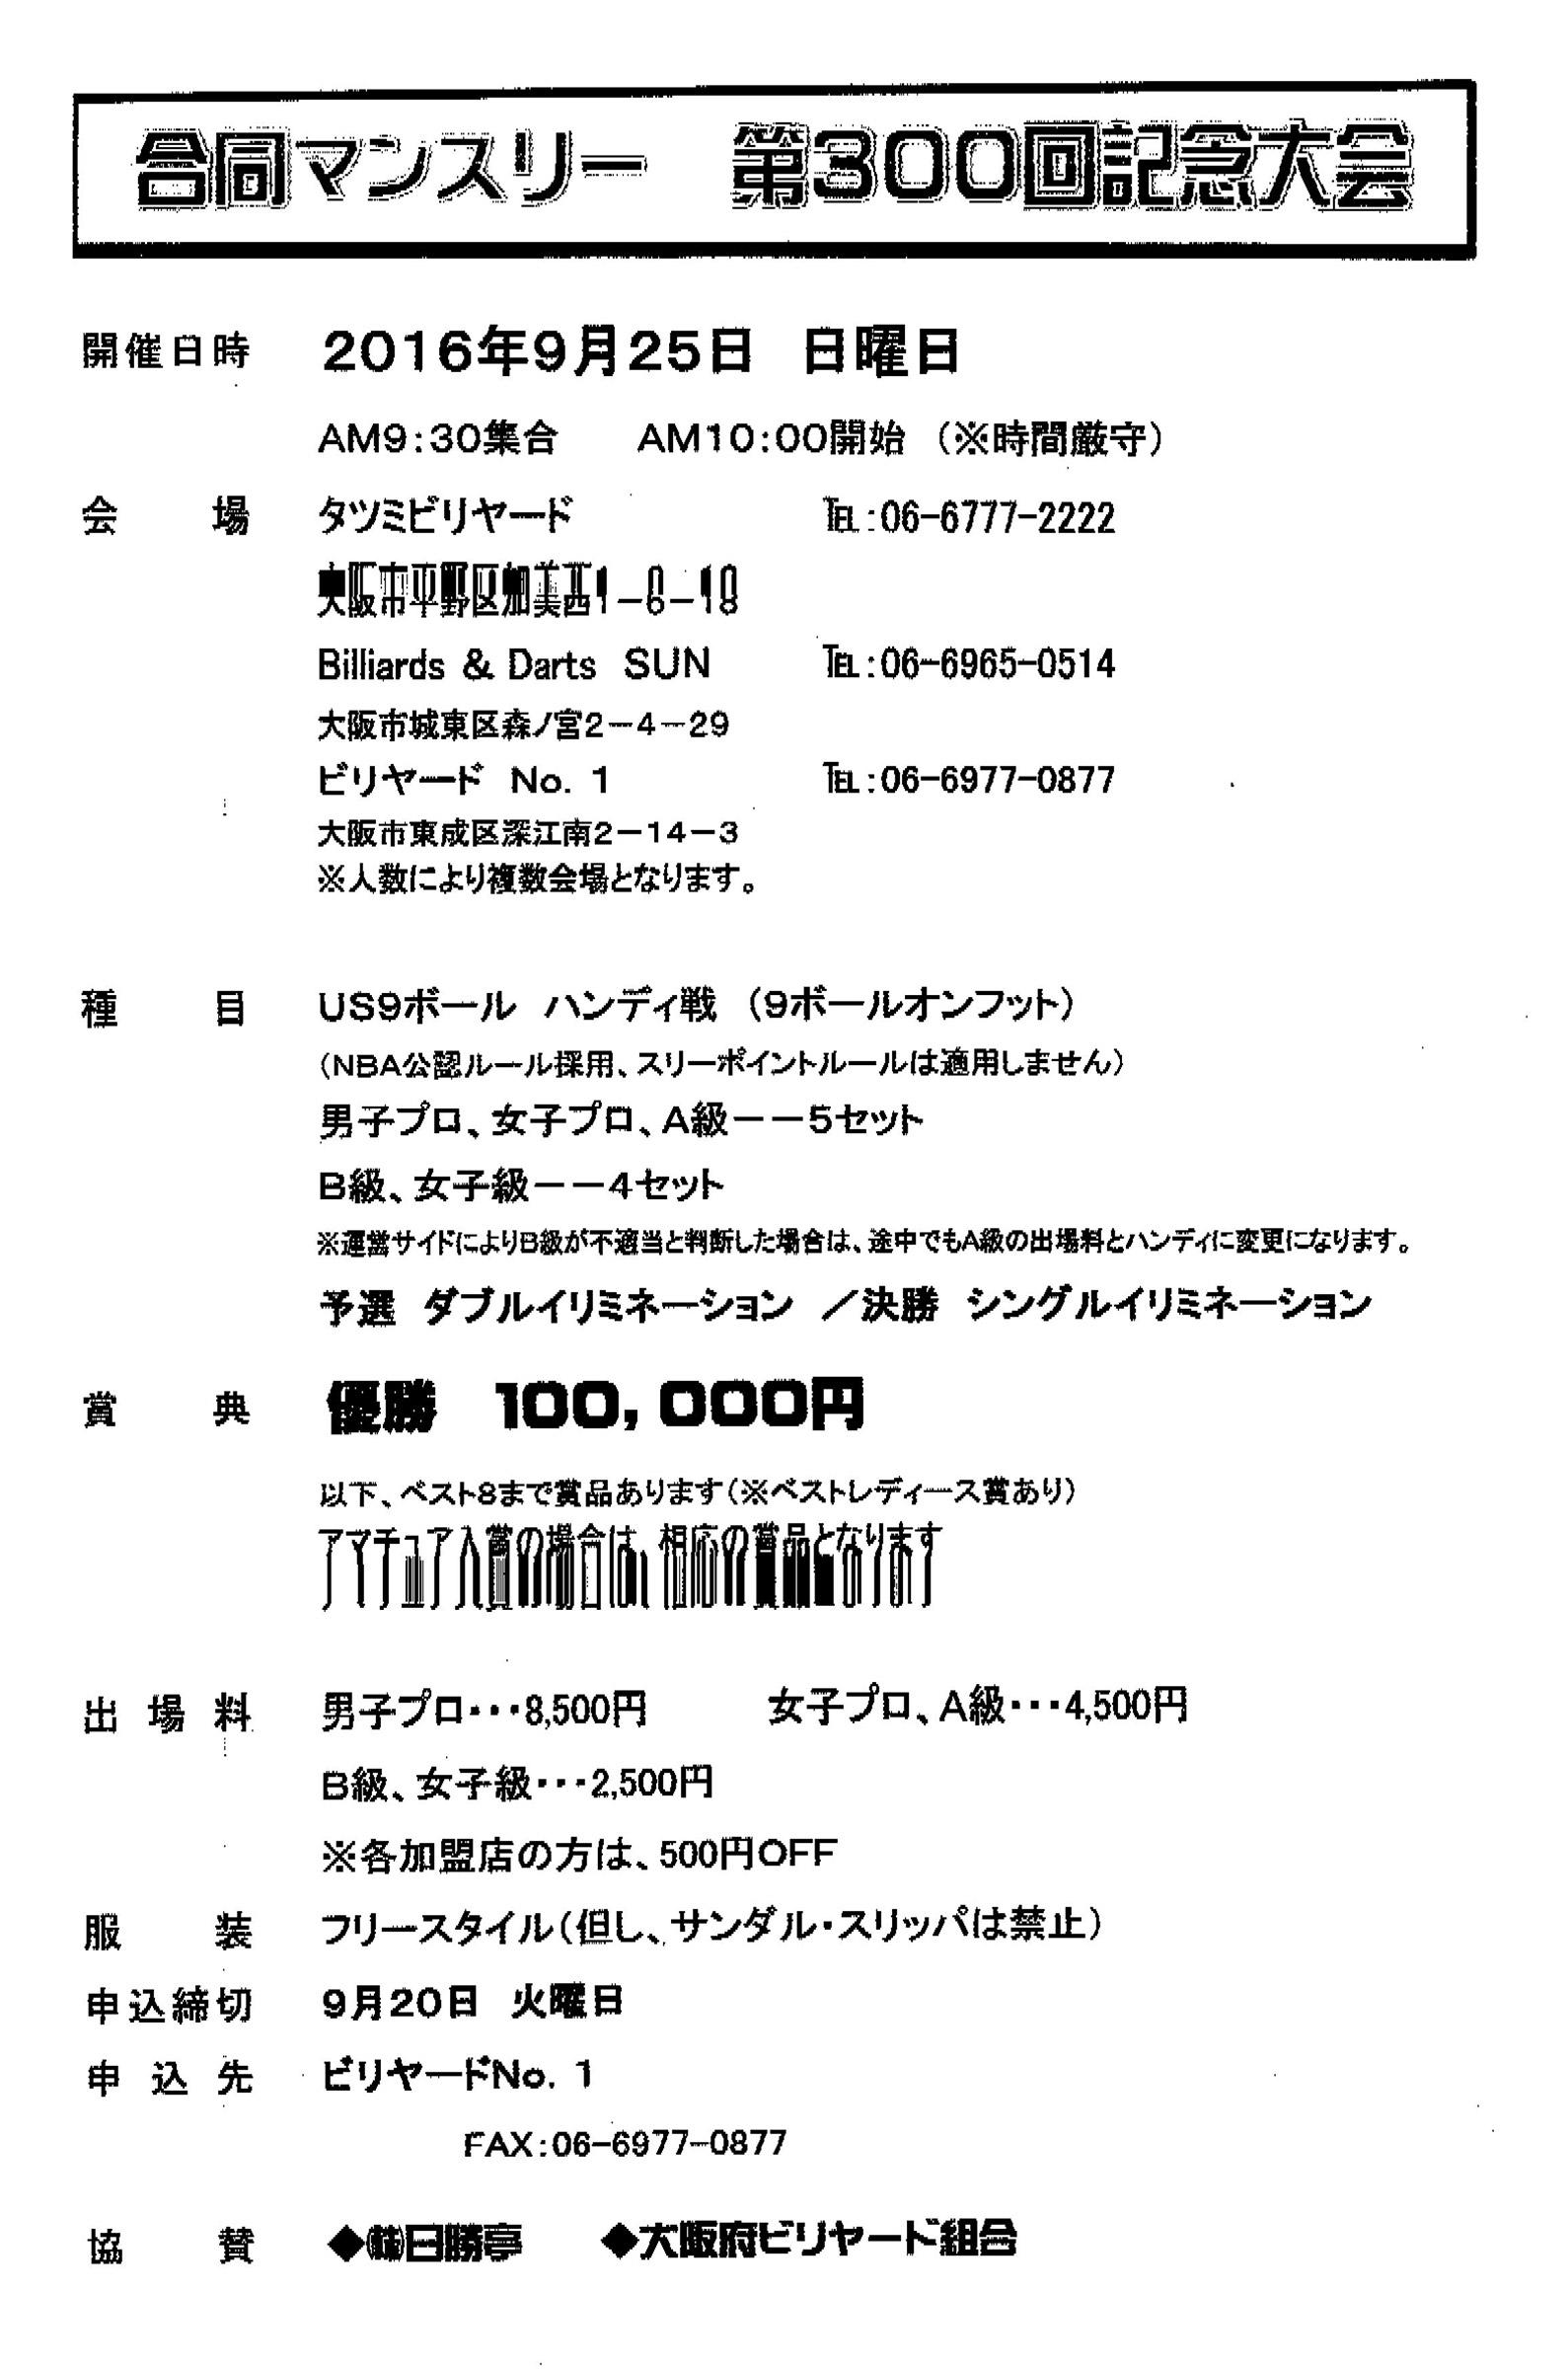 fax_20160831_1472649217_44_01